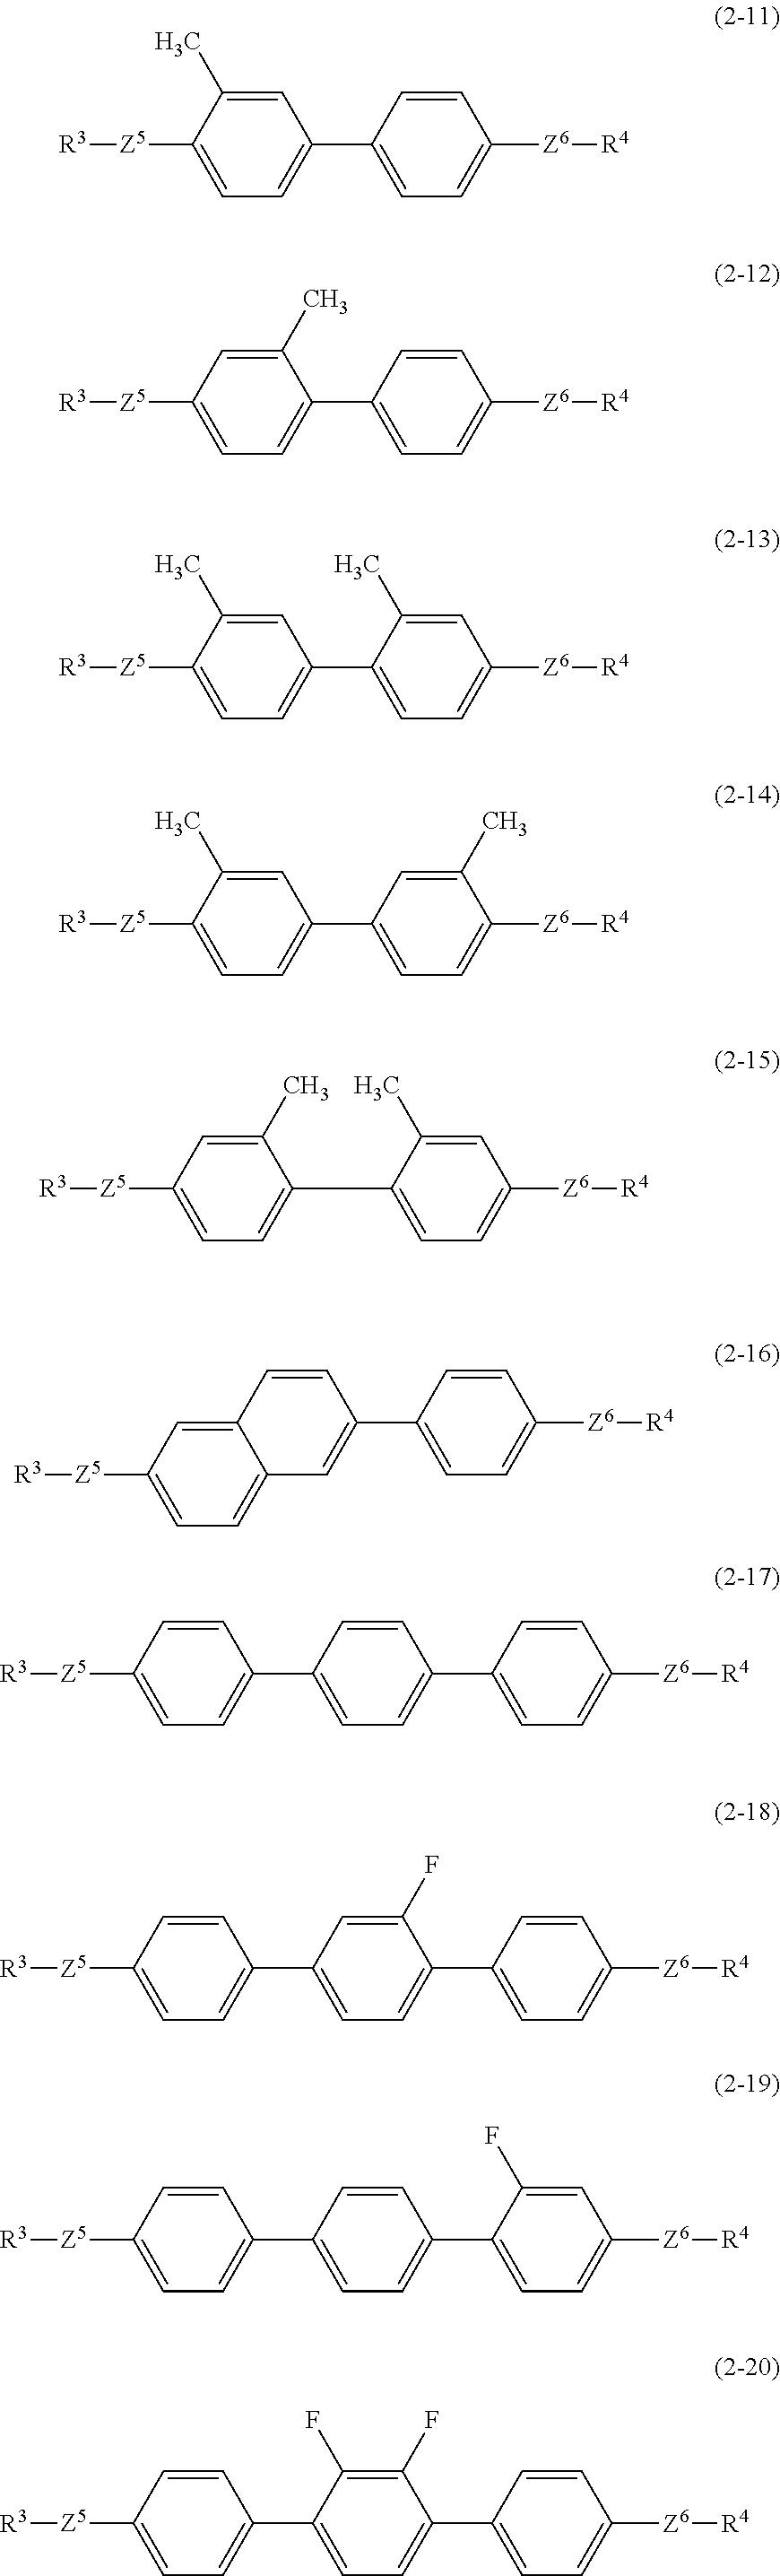 Figure US20150299571A1-20151022-C00054